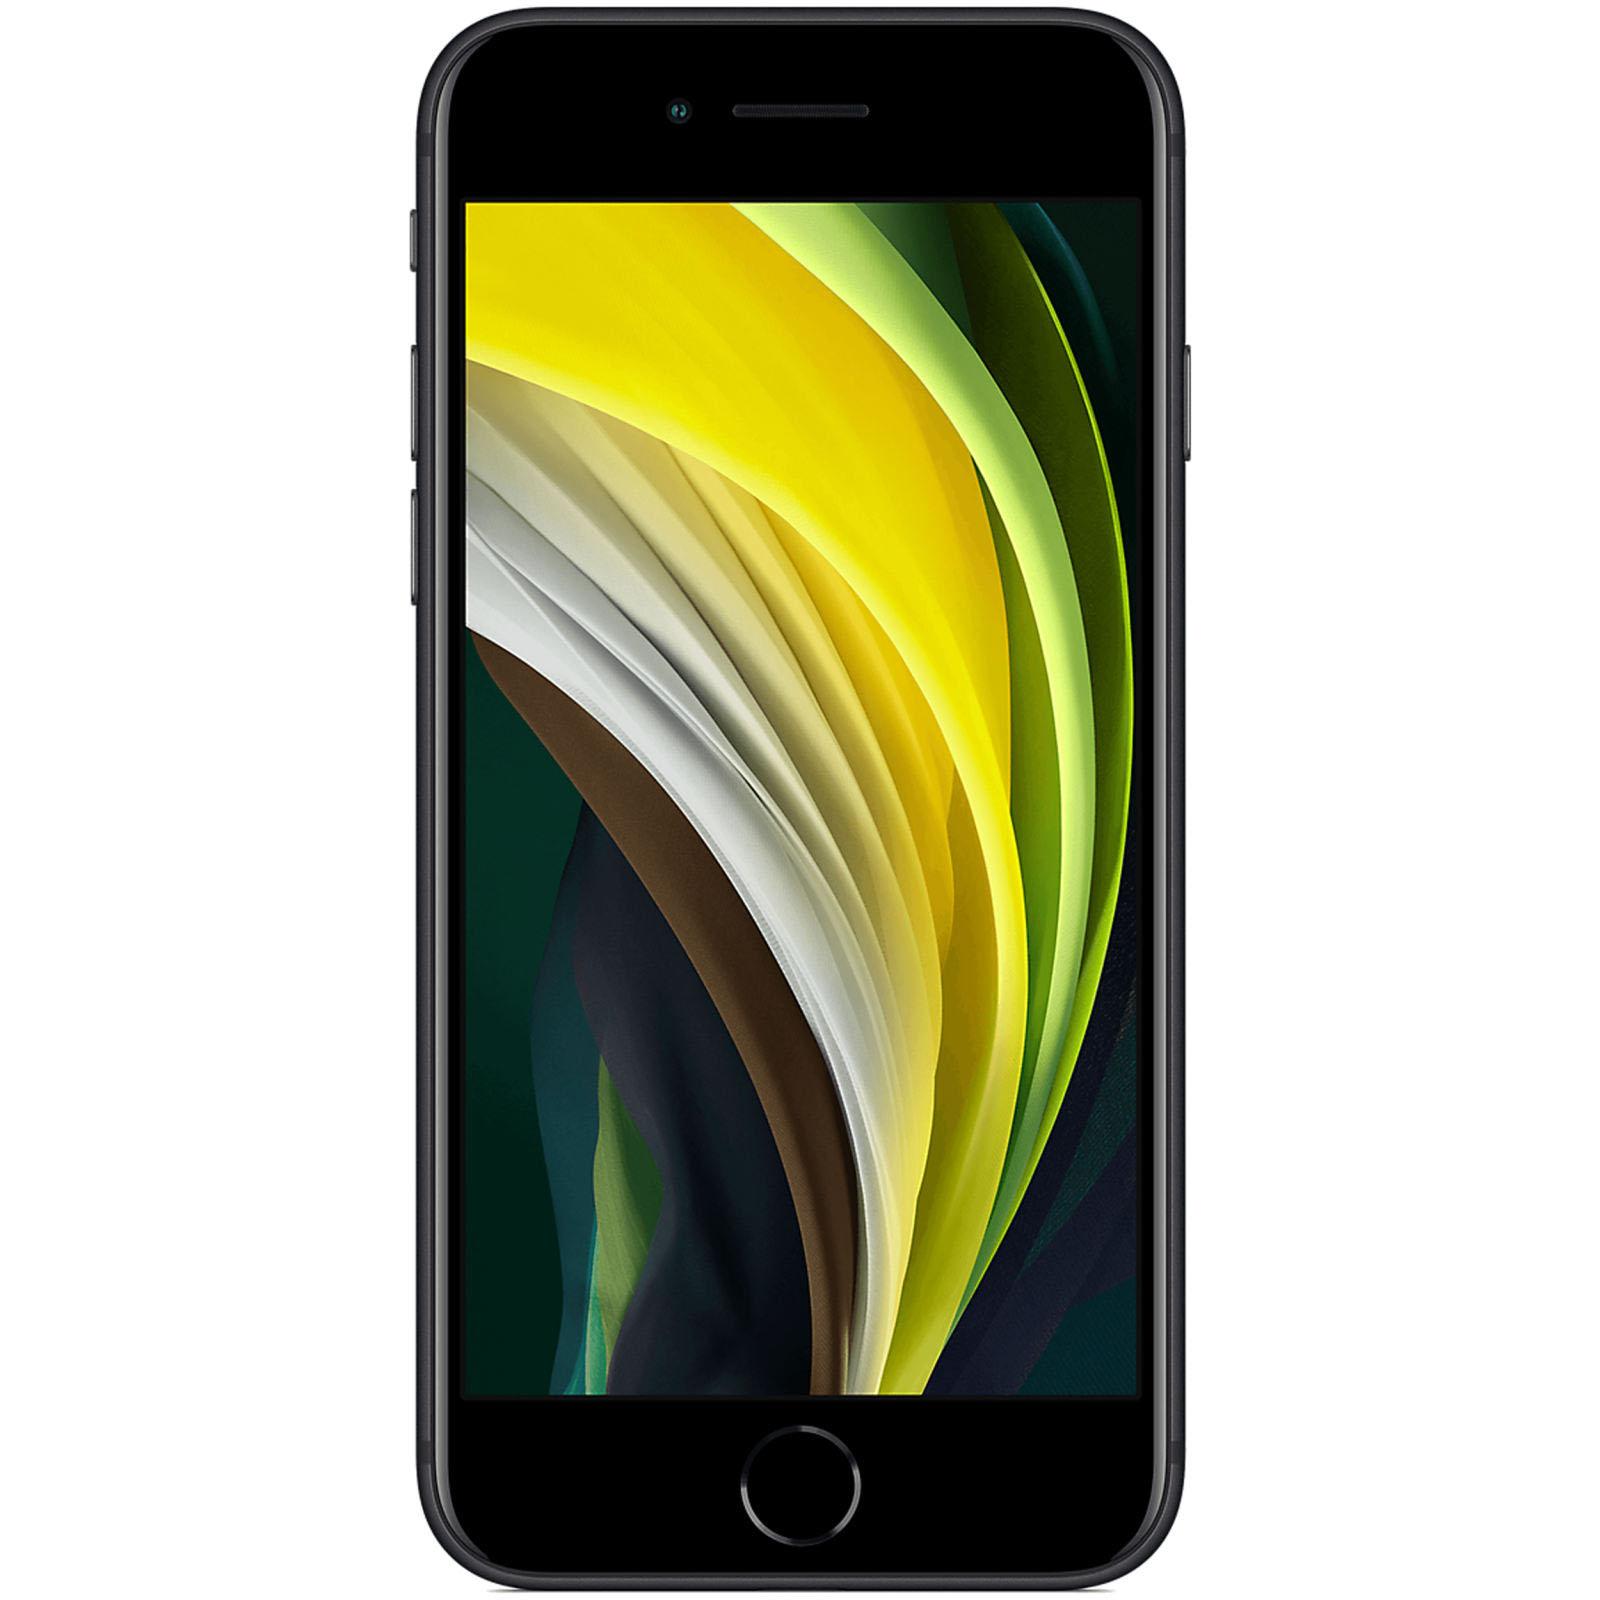 گوشی موبایل اپل مدل iPhone SE 2020 A2275 ظرفیت ۶۴ گیگابایت